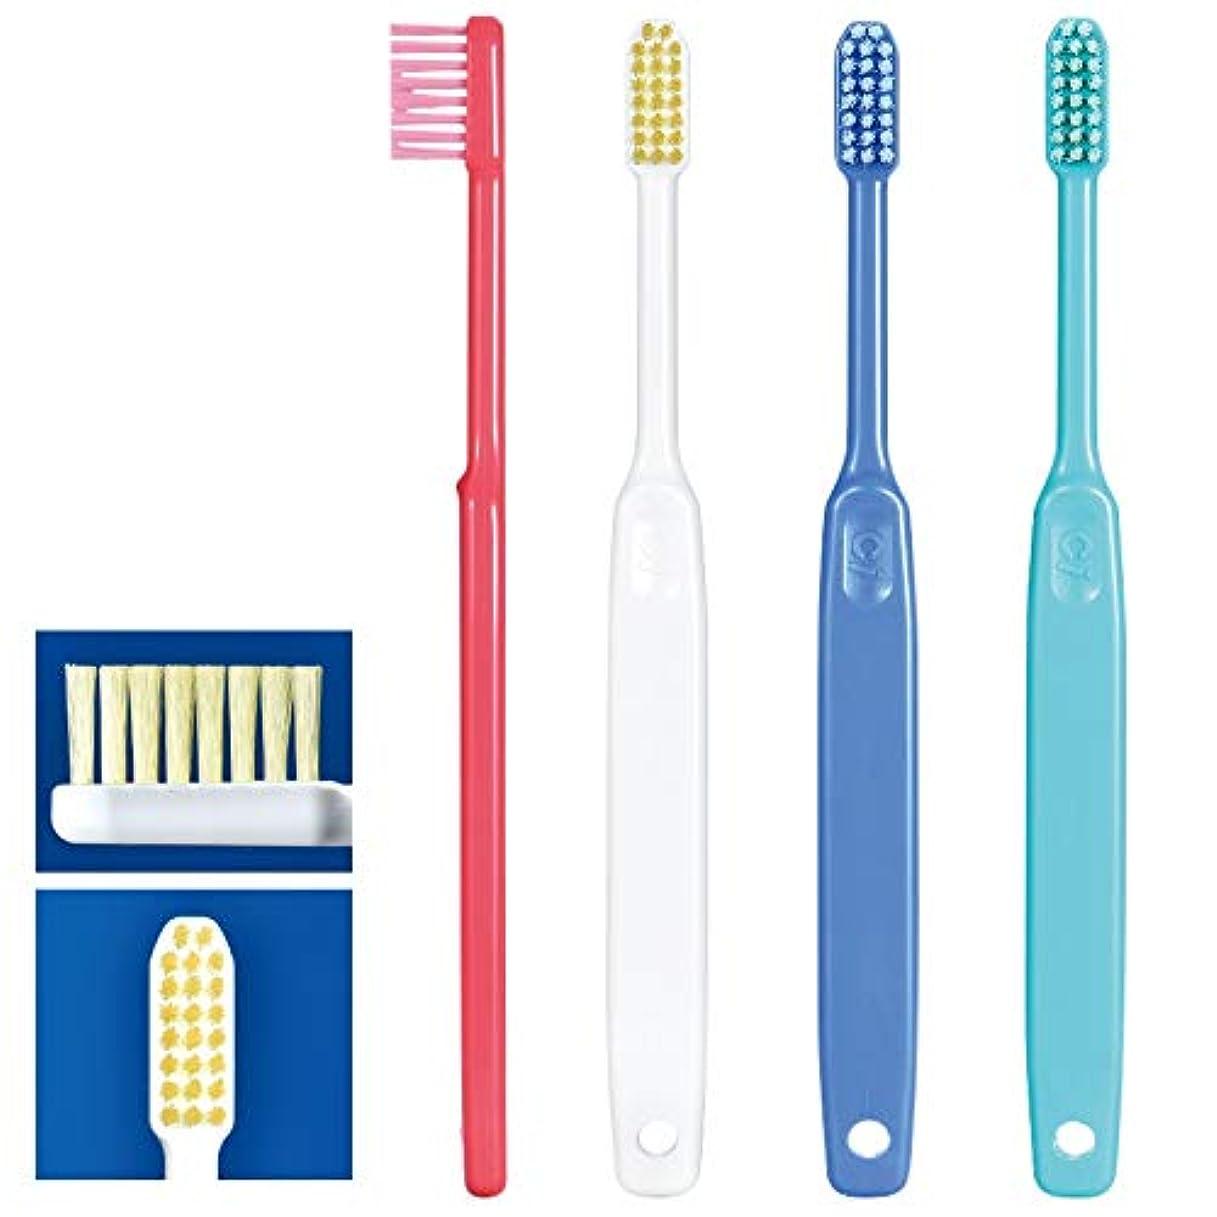 忠誠スリッパむしろCi20カラー歯ブラシ 20本 MS(やややわらかめ) 日本製 カラー毛 高密度植毛 歯科専売品